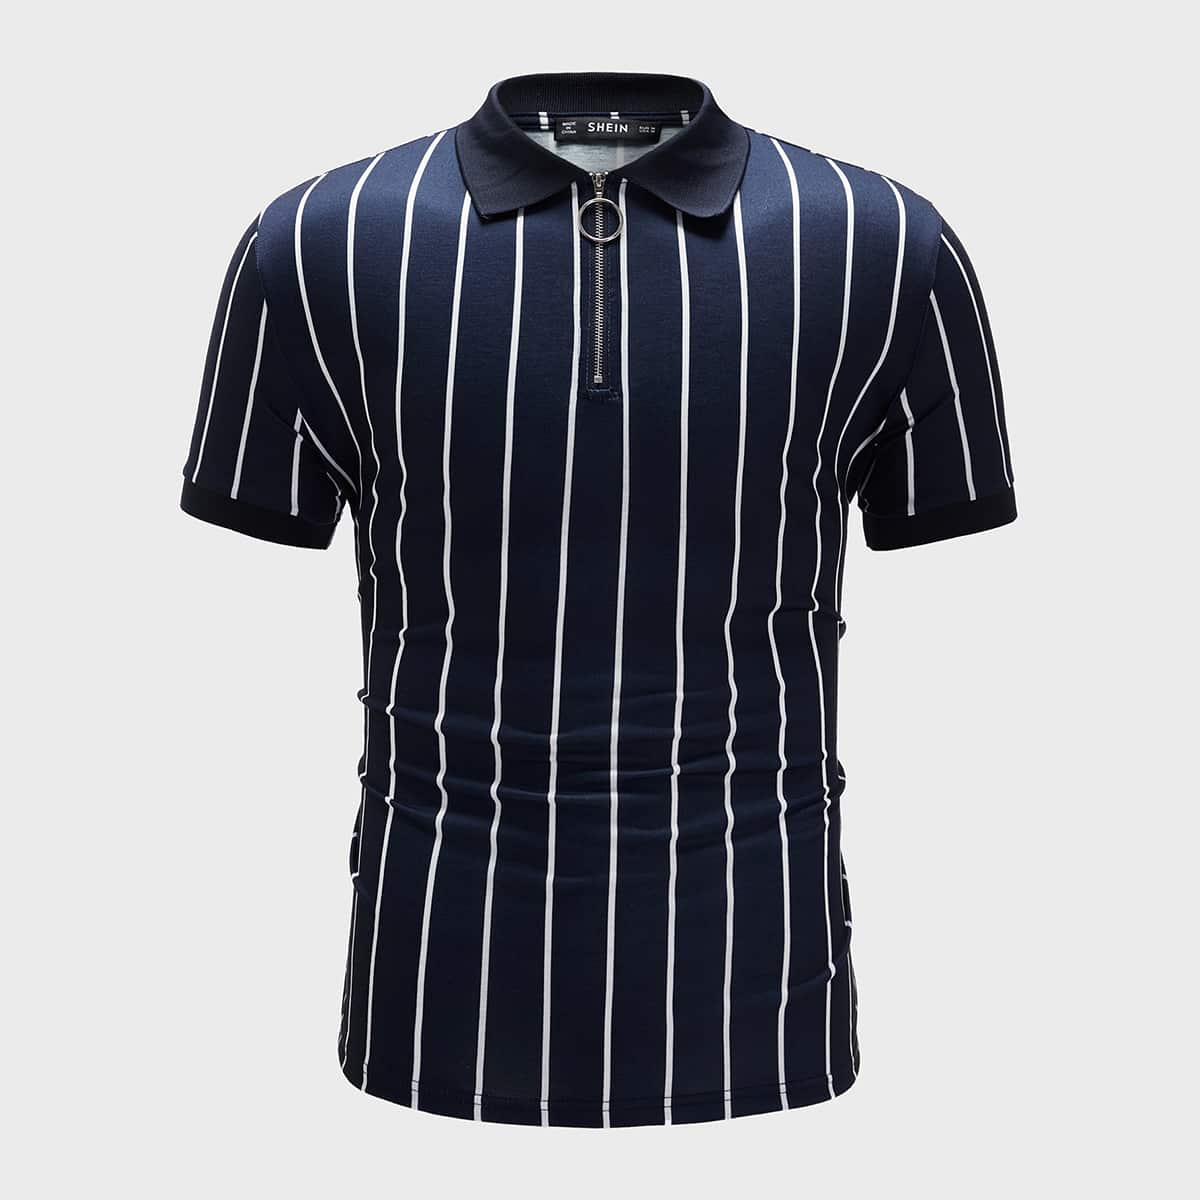 Мужская полосатая рубашка-поло на молнии фото